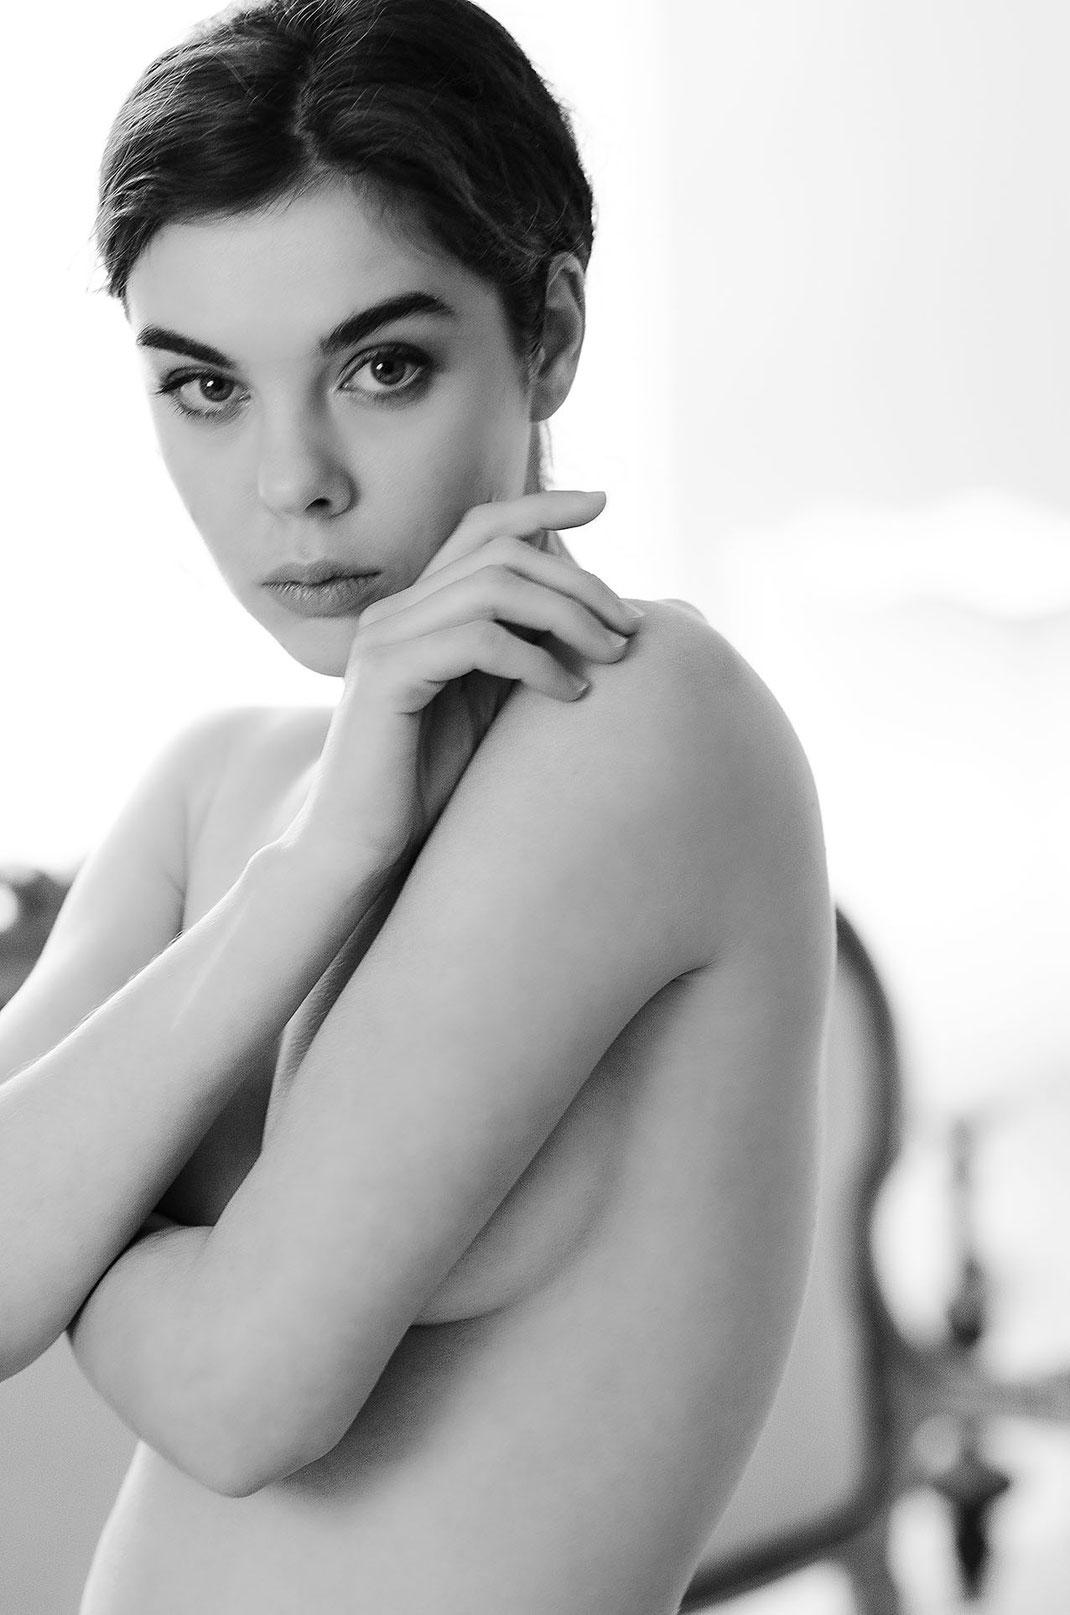 Portrait Shot Dako Haux fotografiert von Martin Boelt